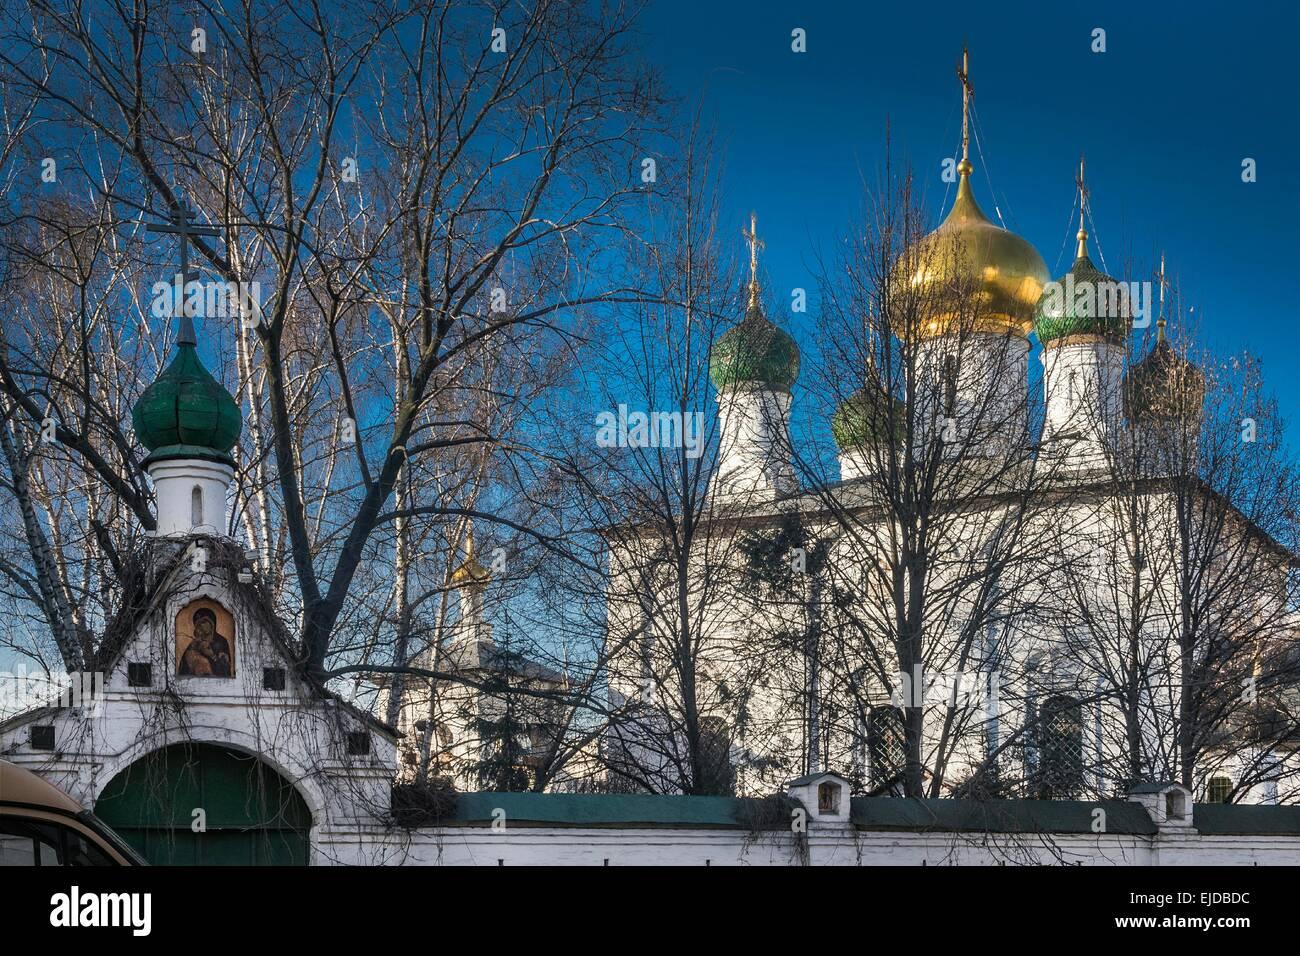 Mosca, Russia. Il monastero Sretensky su Bolshaya Lubyanka street. Il monastero Sretensky è un monastero fondato Immagini Stock